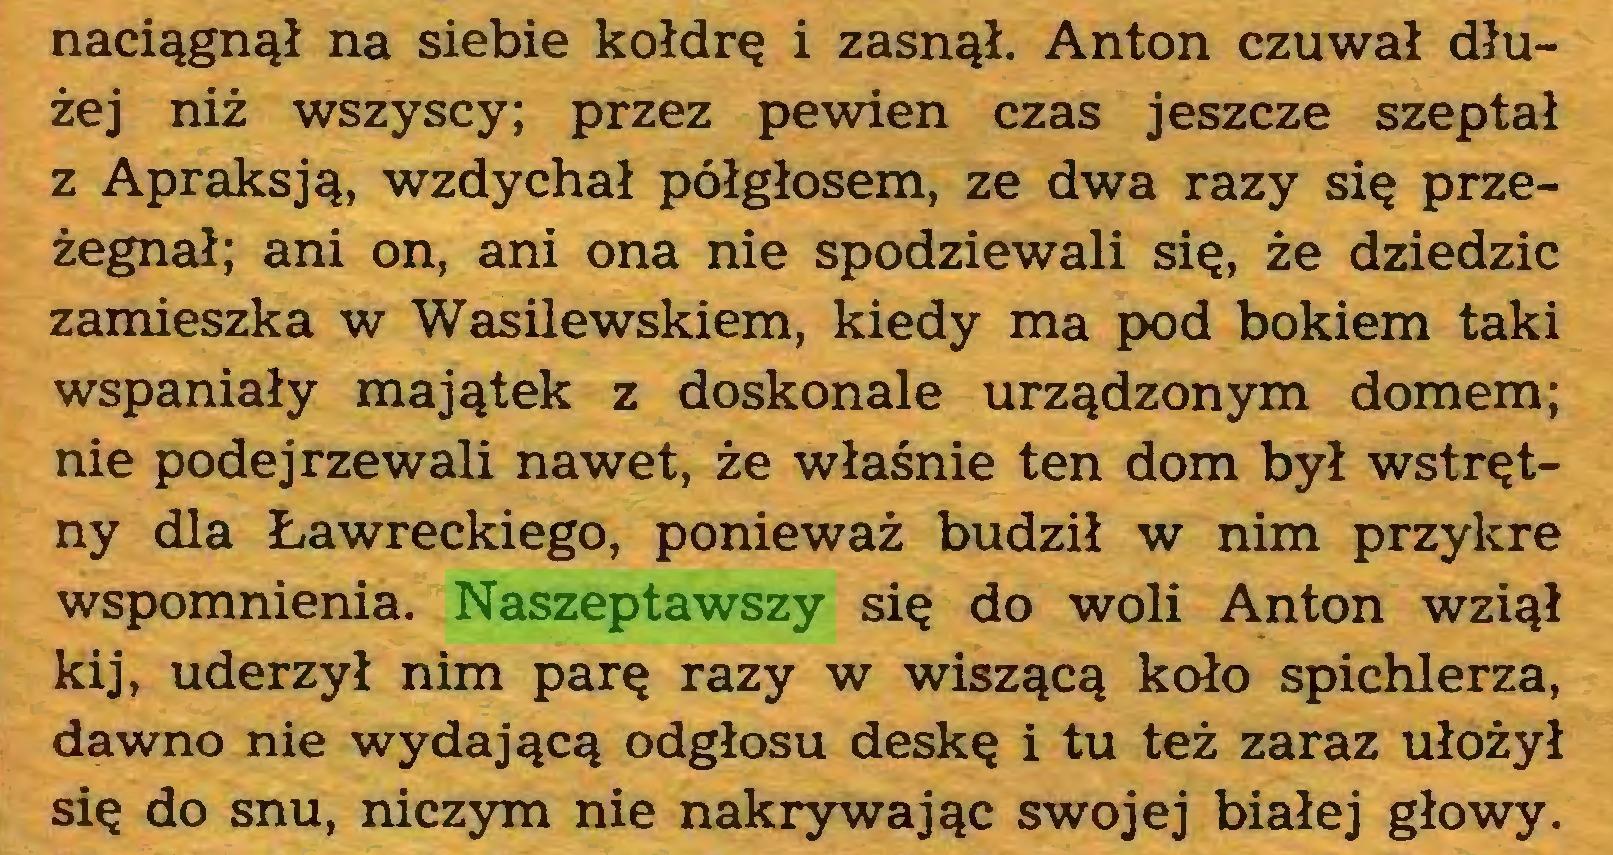 (...) naciągnął na siebie kołdrę i zasnął. Anton czuwał dłużej niż wszyscy; przez pewien czas jeszcze szeptał z Apraksją, wzdychał półgłosem, ze dwa razy się przeżegnał; ani on, ani ona nie spodziewali się, że dziedzic zamieszka w Wasilewskiem, kiedy ma pod bokiem taki wspaniały majątek z doskonale urządzonym domem; nie podejrzewali nawet, że właśnie ten dom był wstrętny dla Ławreckiego, ponieważ budził w nim przykre wspomnienia. Naszeptawszy się do woli Anton wziął kij, uderzył nim parę razy w wiszącą koło spichlerza, dawno nie wydającą odgłosu deskę i tu też zaraz ułożył się do snu, niczym nie nakrywając swojej białej głowy...